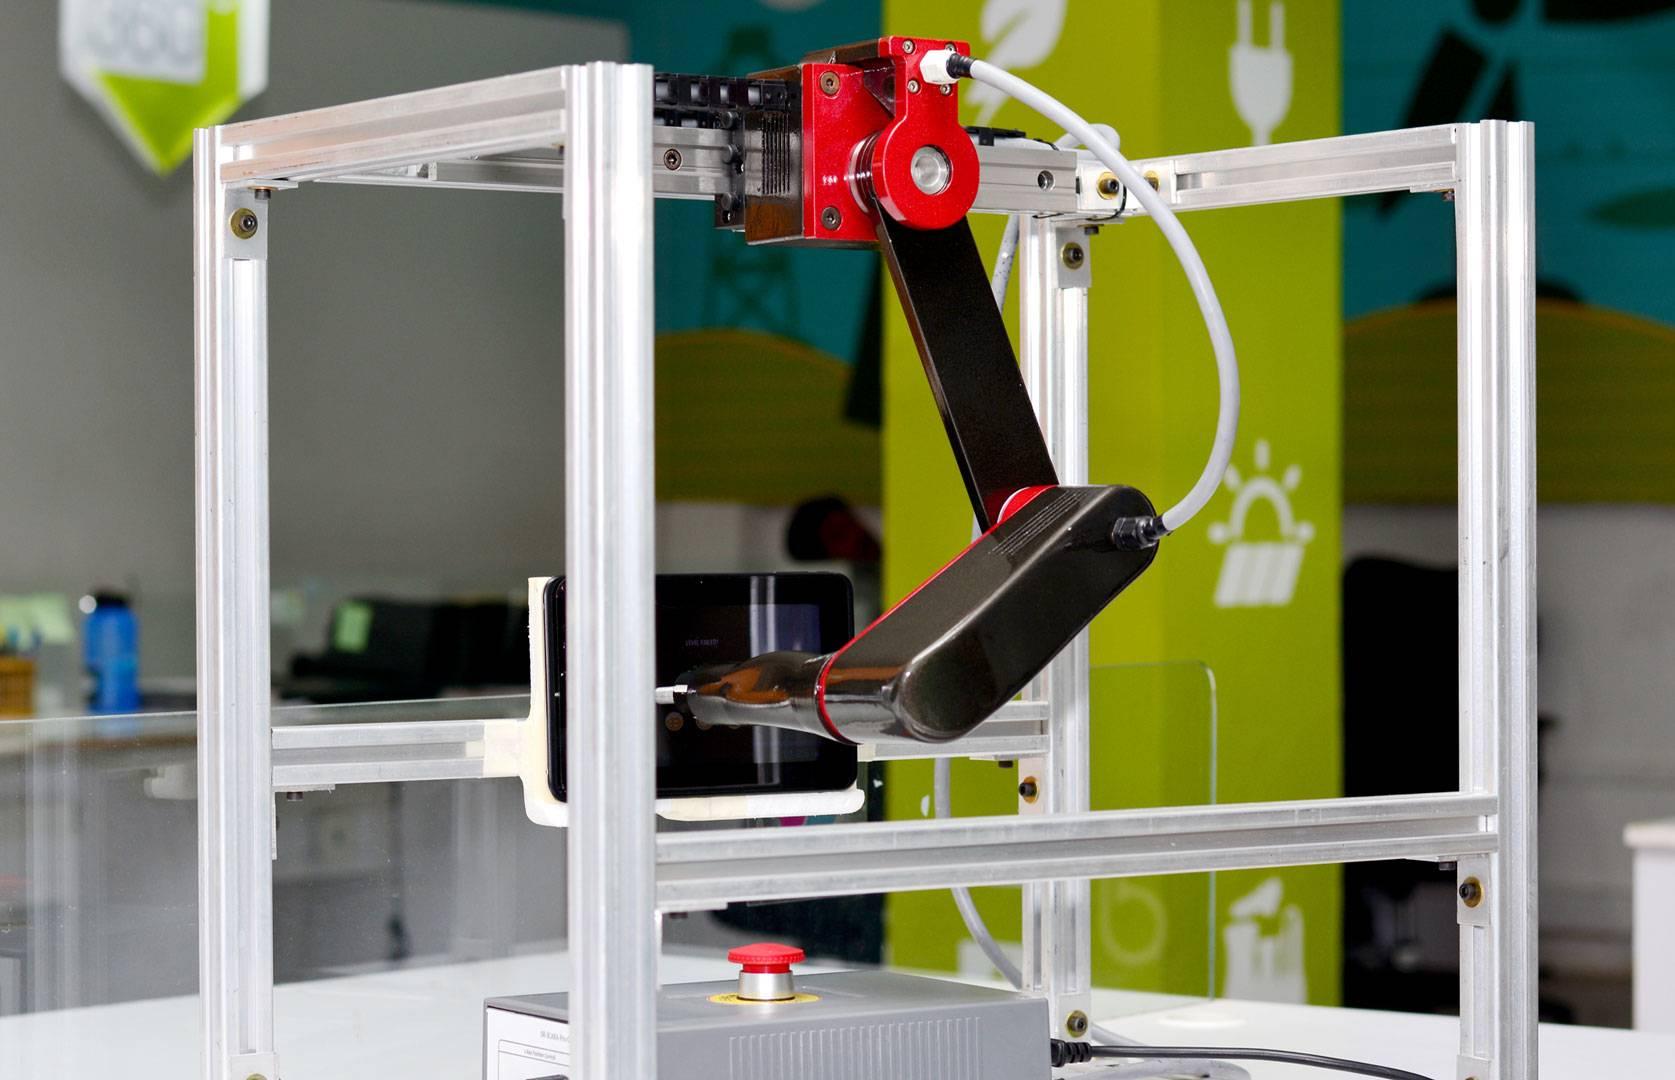 SR-SCARA-Pro Robot SCARA Arm